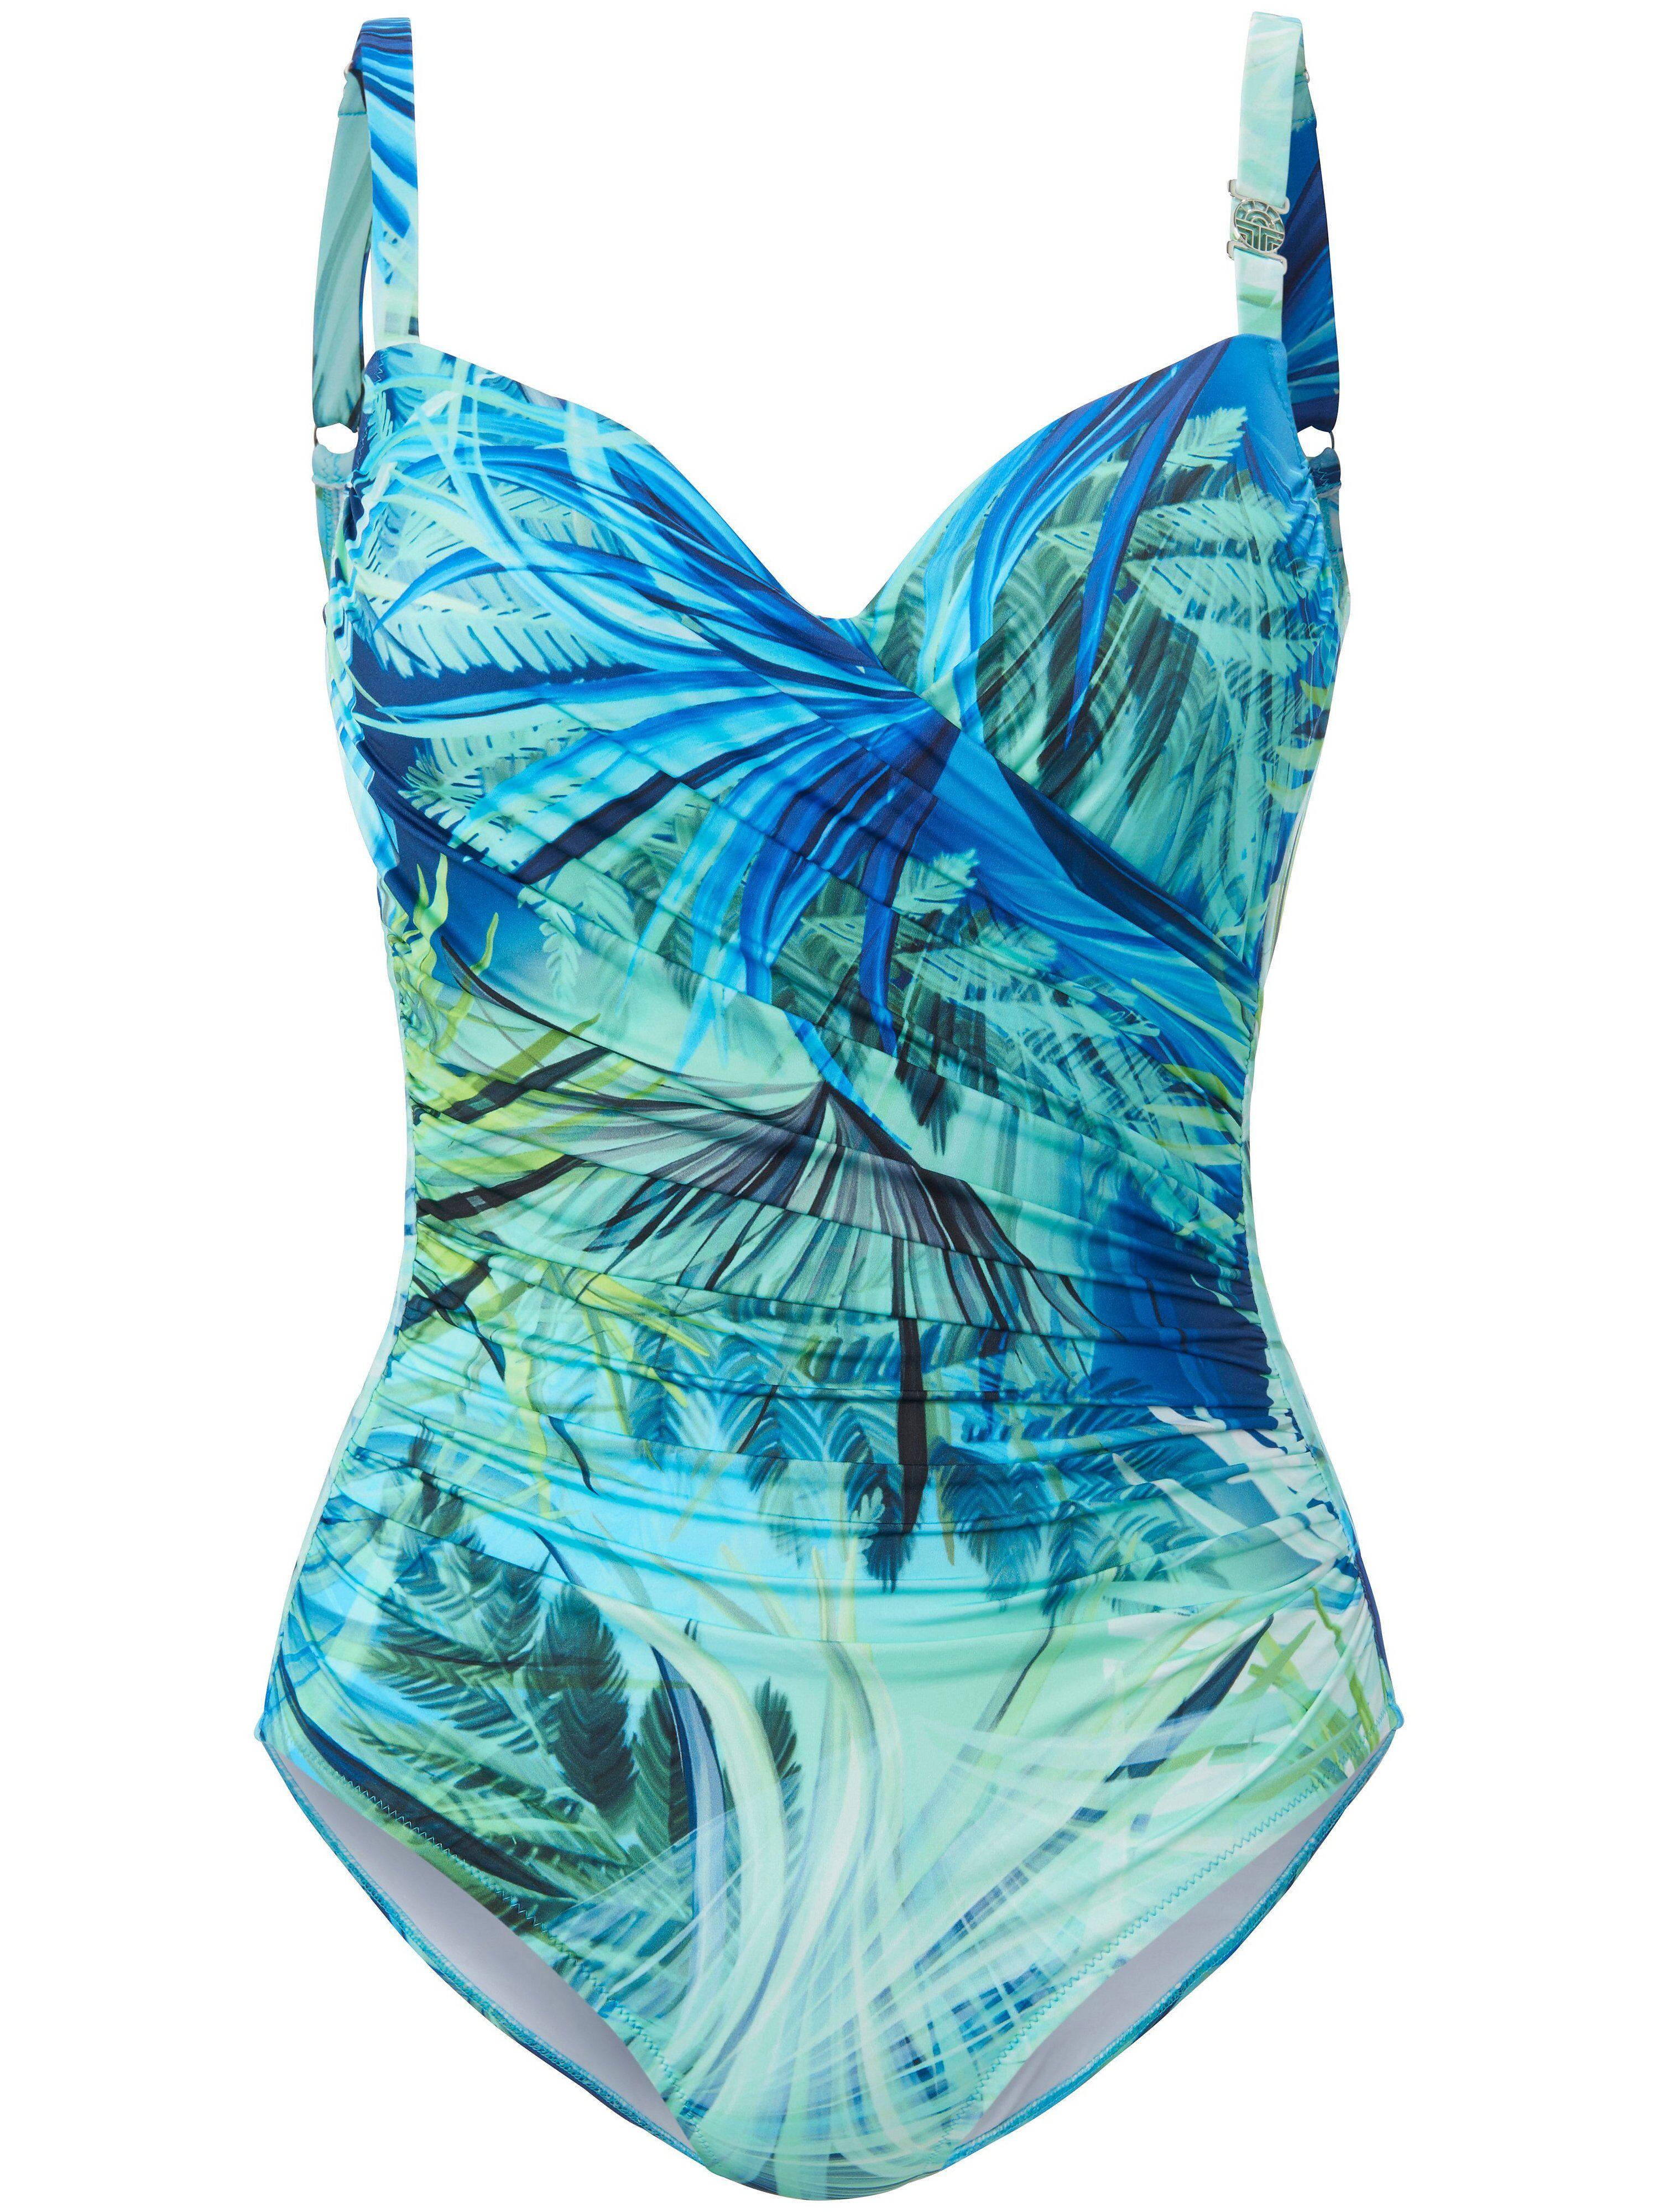 Féraud Le maillot bain imprimé feuilles  Féraud turquoise  - Femme - 40